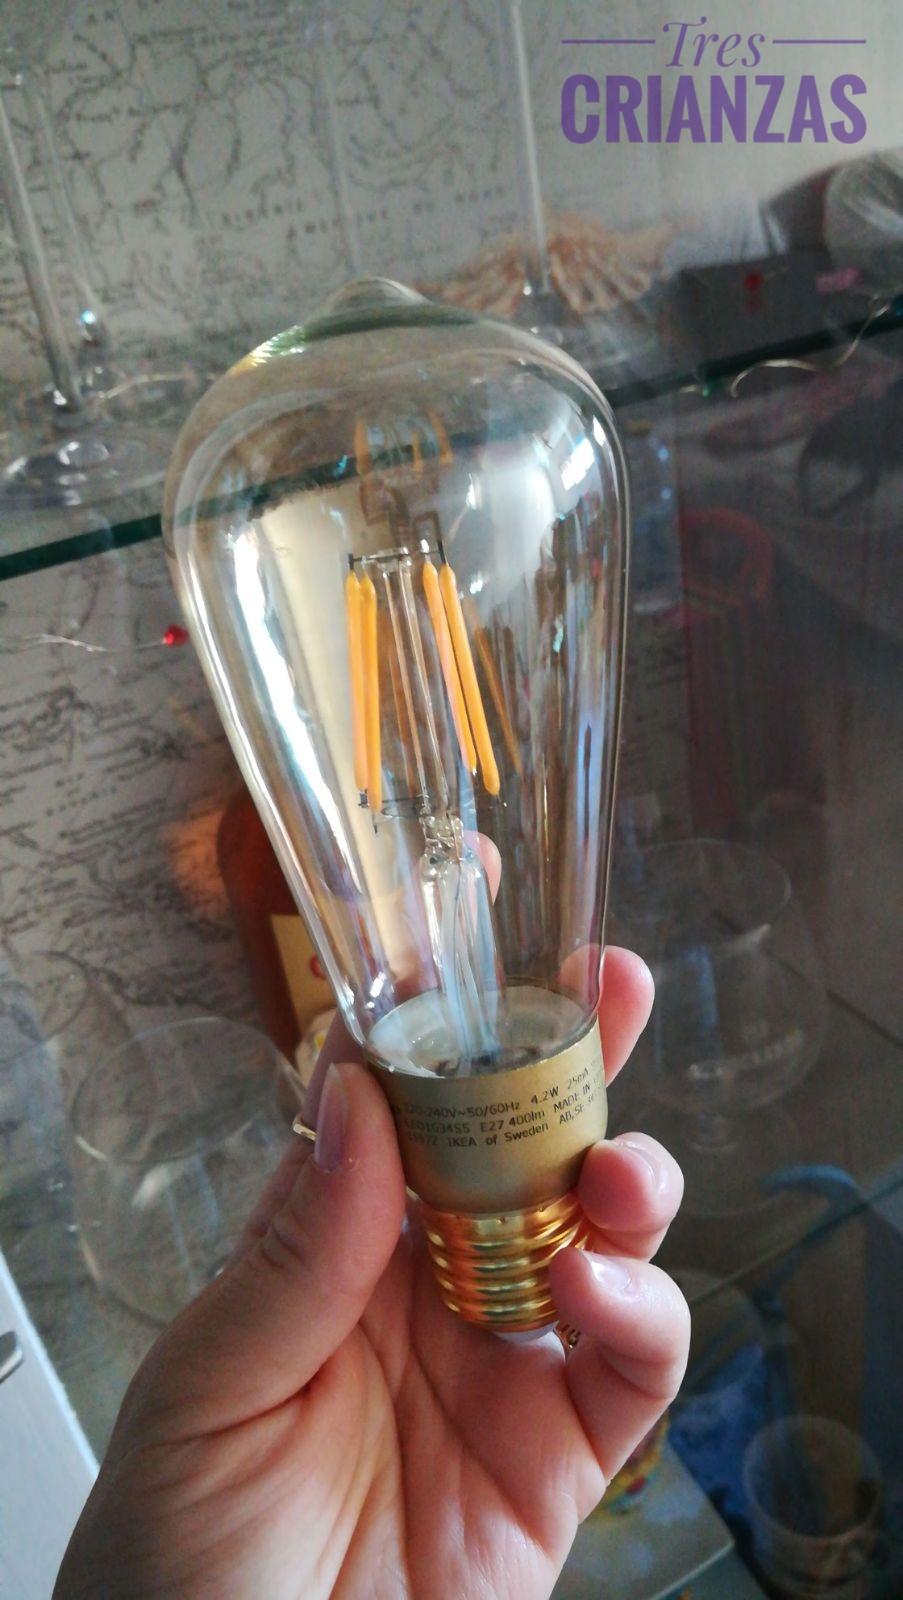 IMG 20171109 WA0011 01 - Cómo hacer una lámpara con pajitas